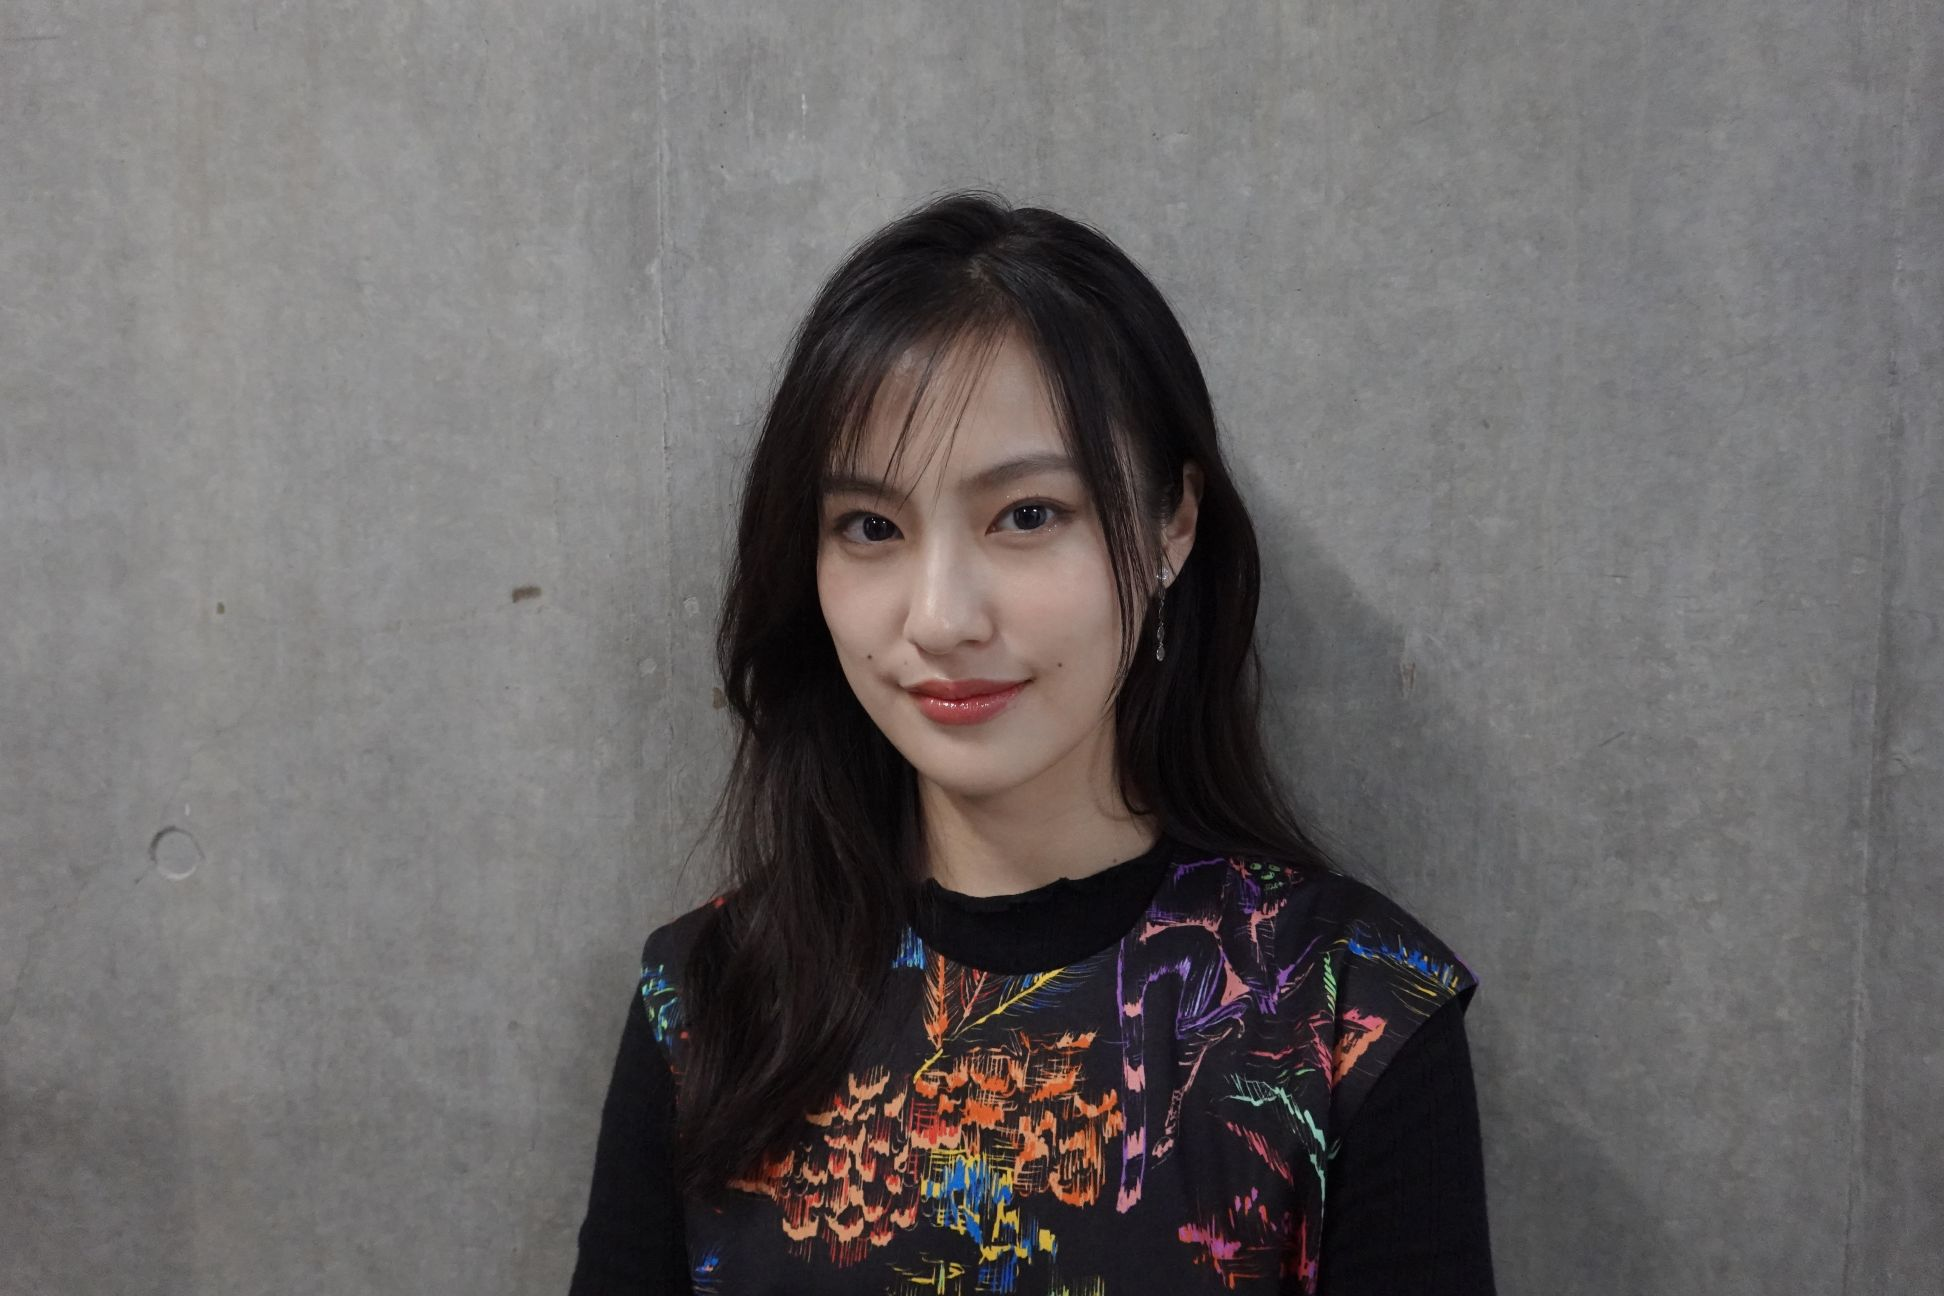 恒松祐里さん(22)